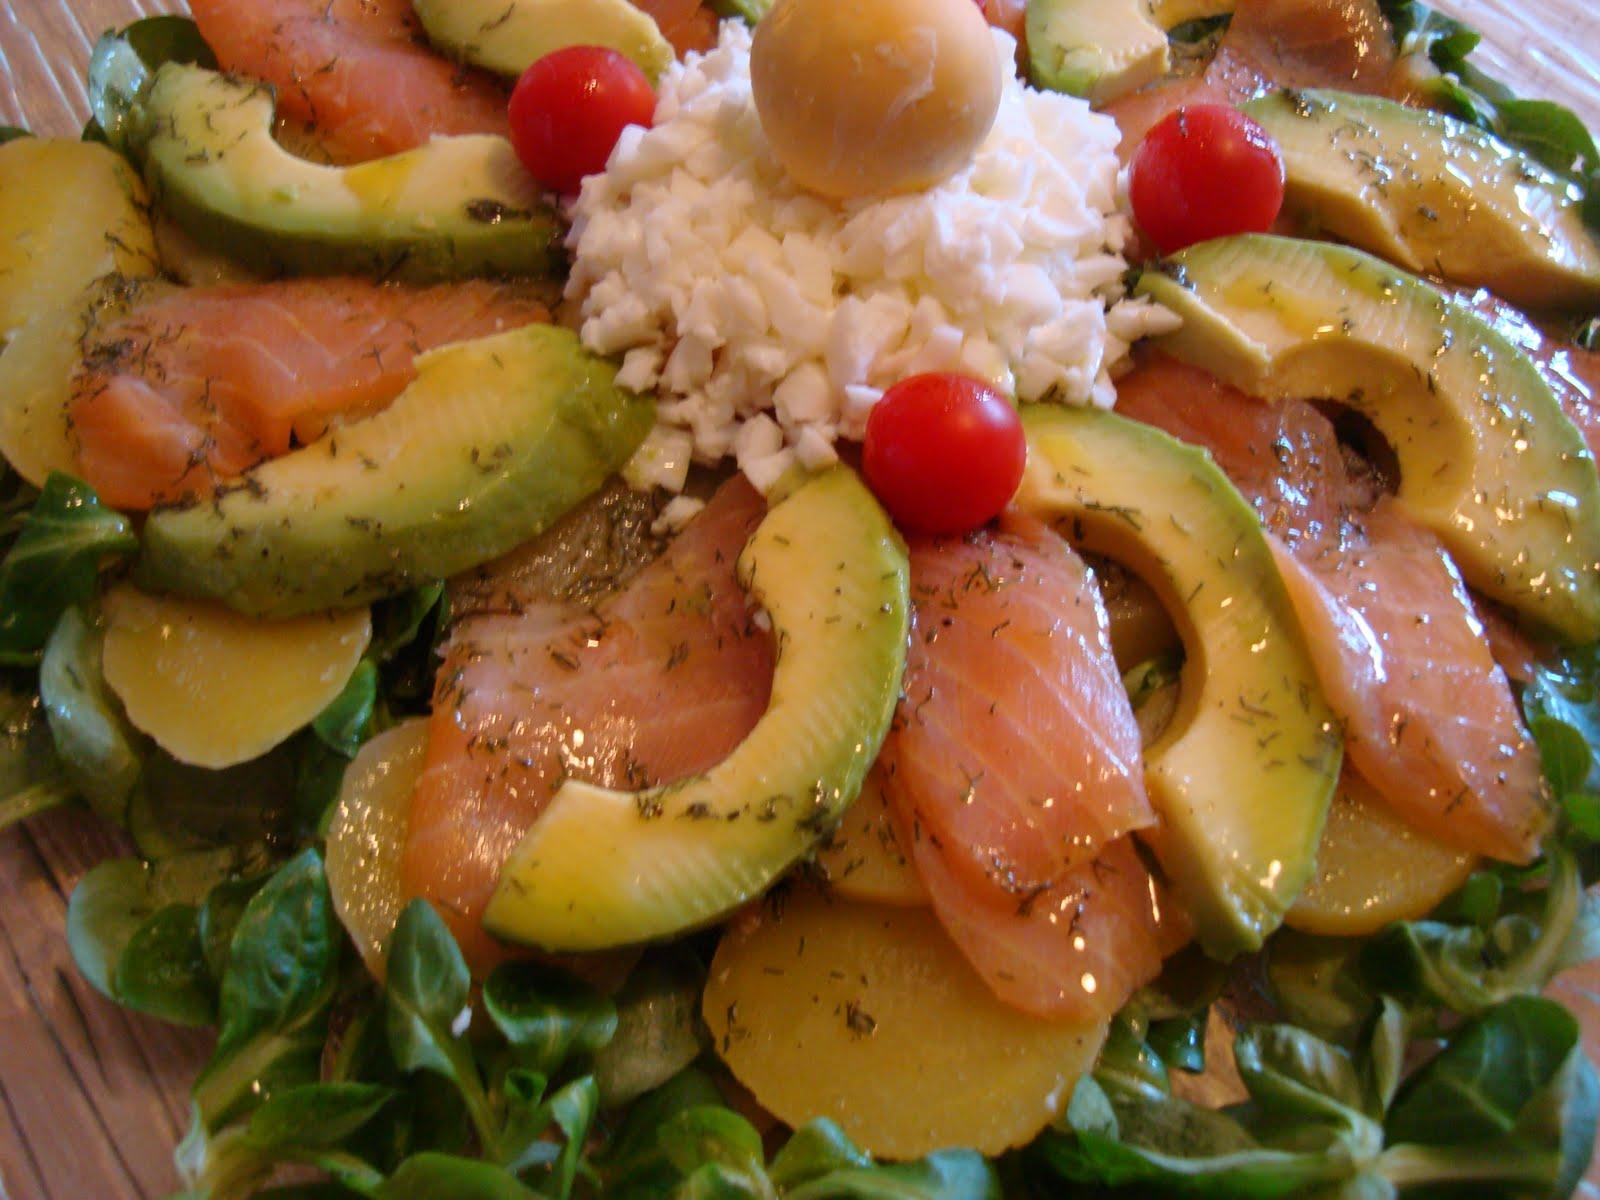 A la mesa y rico ensalada de patata salm n y aguacate - Ensalada salmon y aguacate ...